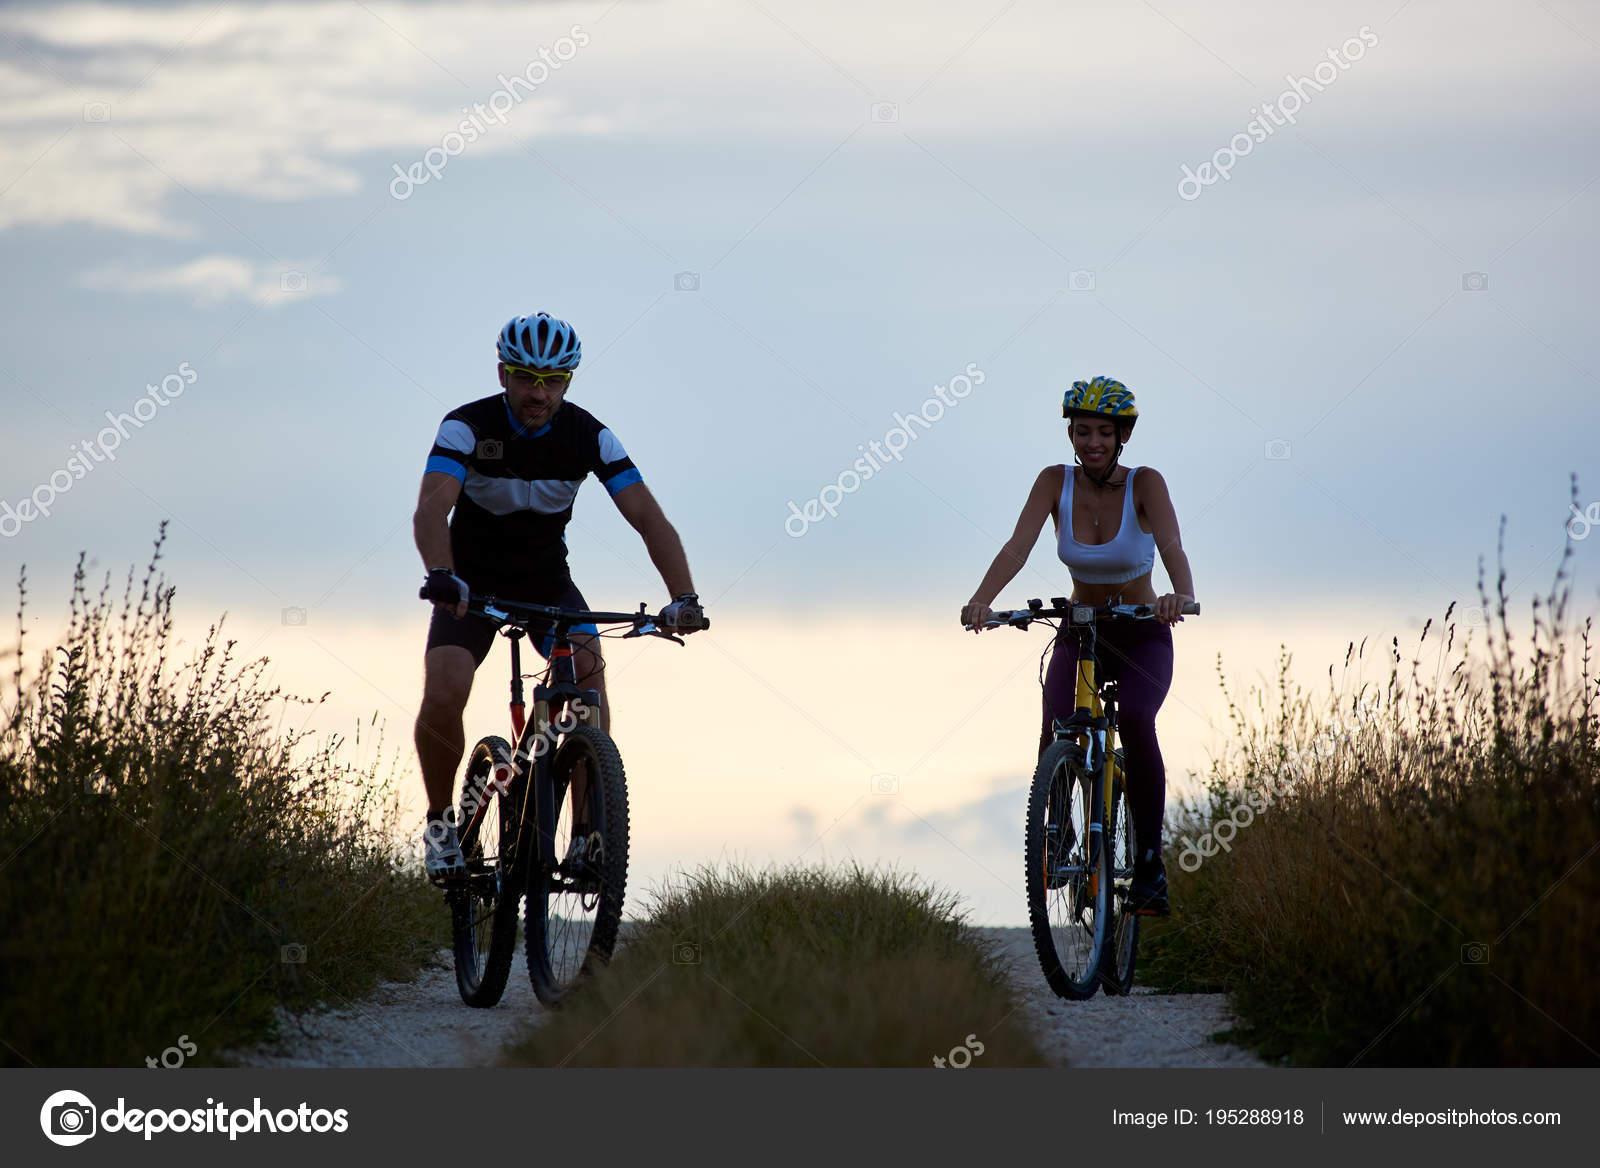 Ζευγάρι του ποδηλάτη ιππασία ποδήλατα σε επαρχιακό δρόμο. Ταιριάζει νέους  ανθρώπους σε αθλητικά ρούχα ποδηλασίας κατάβασης ενάντια όμορφο ορίζοντα με  τέλειο ... 15090023dfc